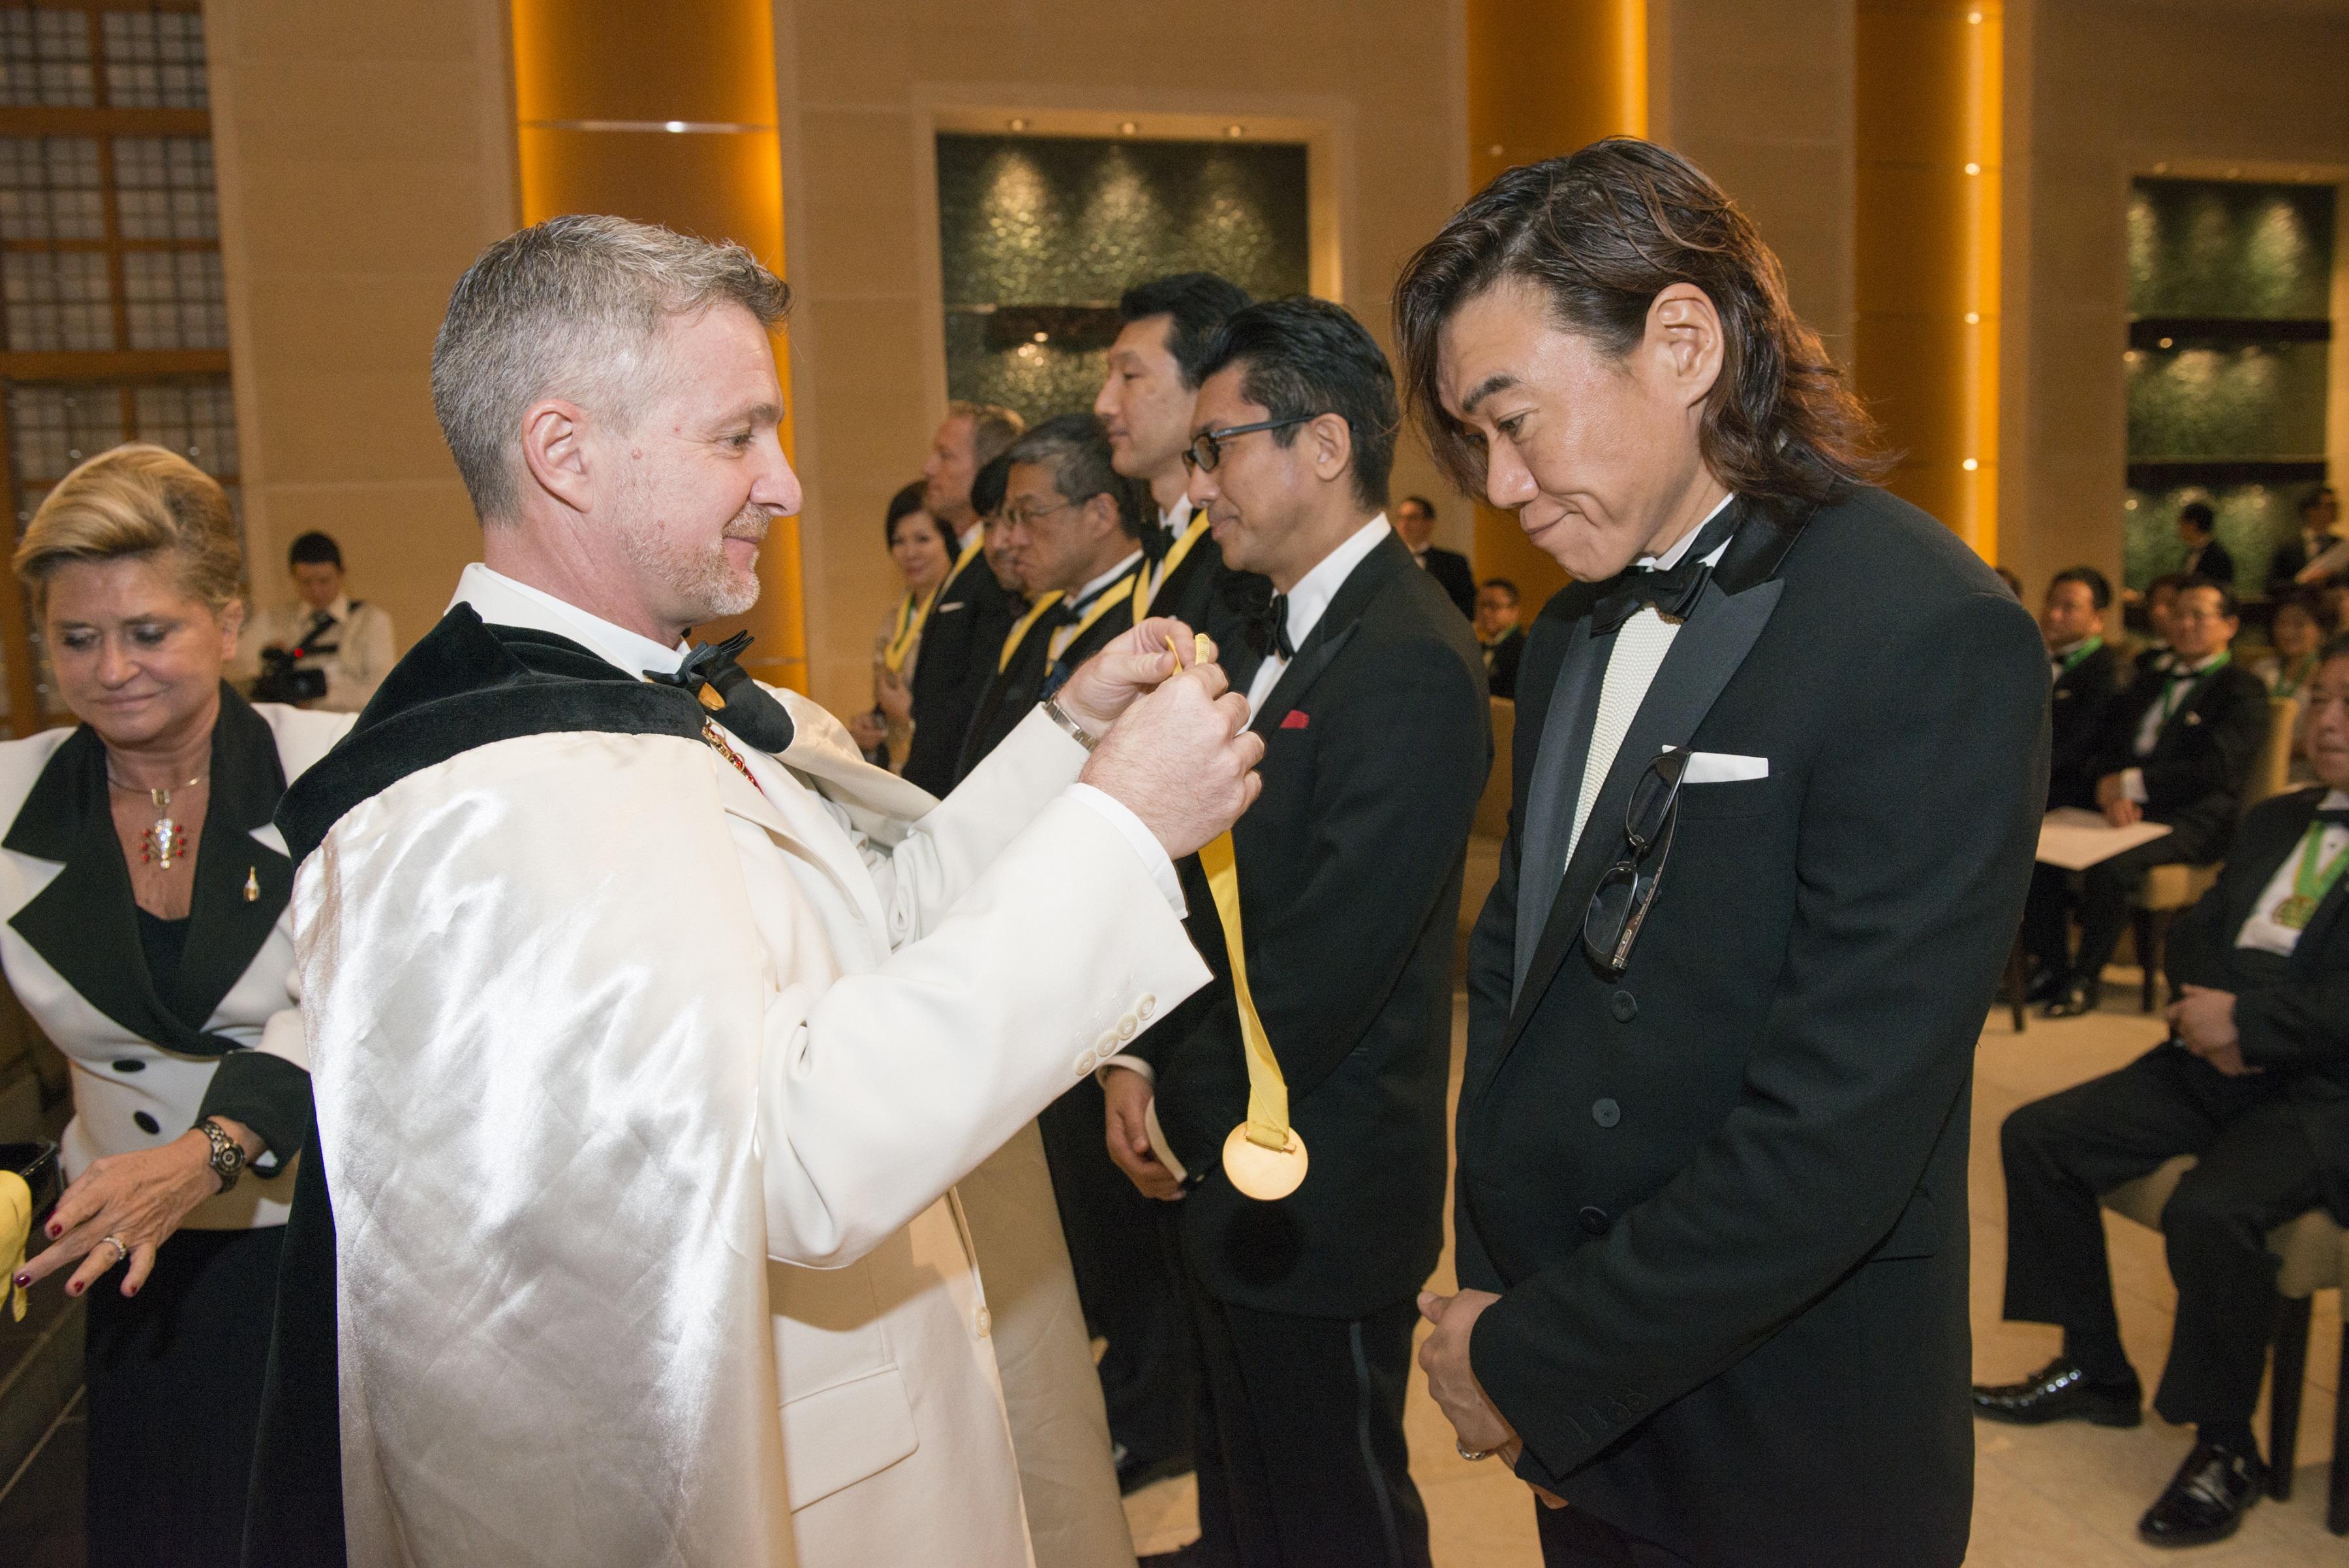 オーナーシェフ渡邉明が「オフィシエ」の称号獲得!